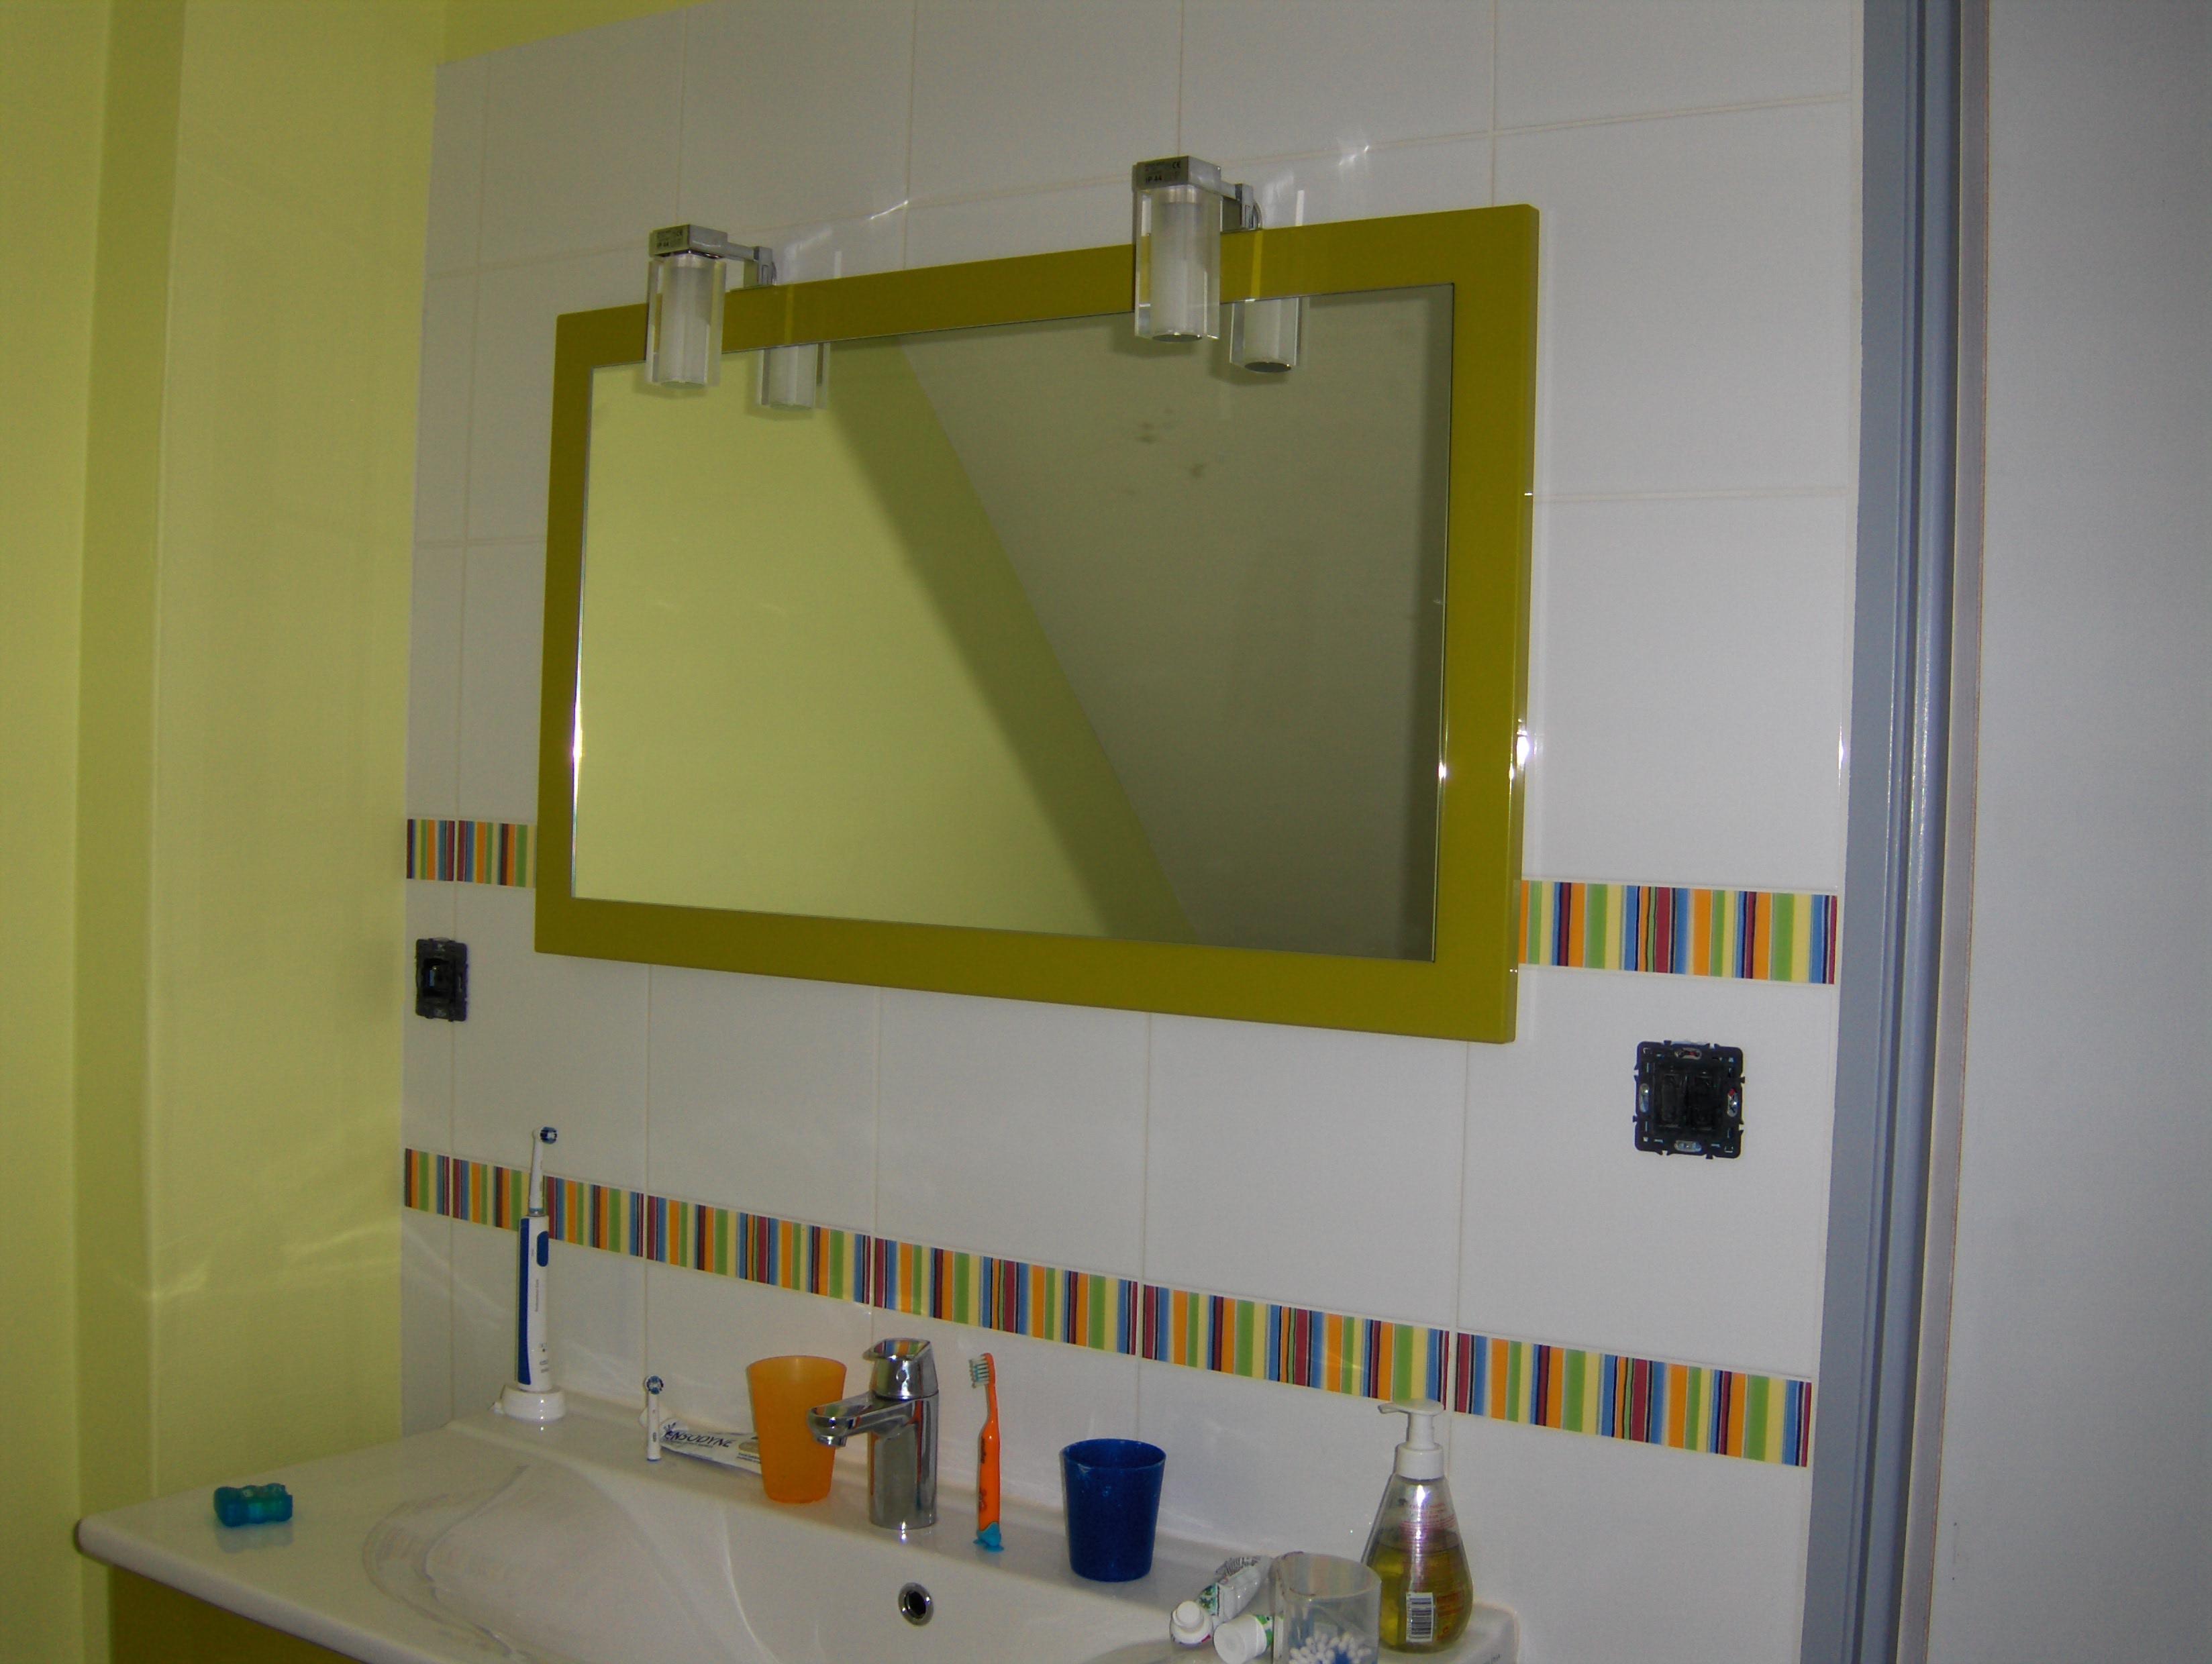 hauts dans la salle de bains font monter la d co jusqu au plafond pictures to pin on pinterest. Black Bedroom Furniture Sets. Home Design Ideas